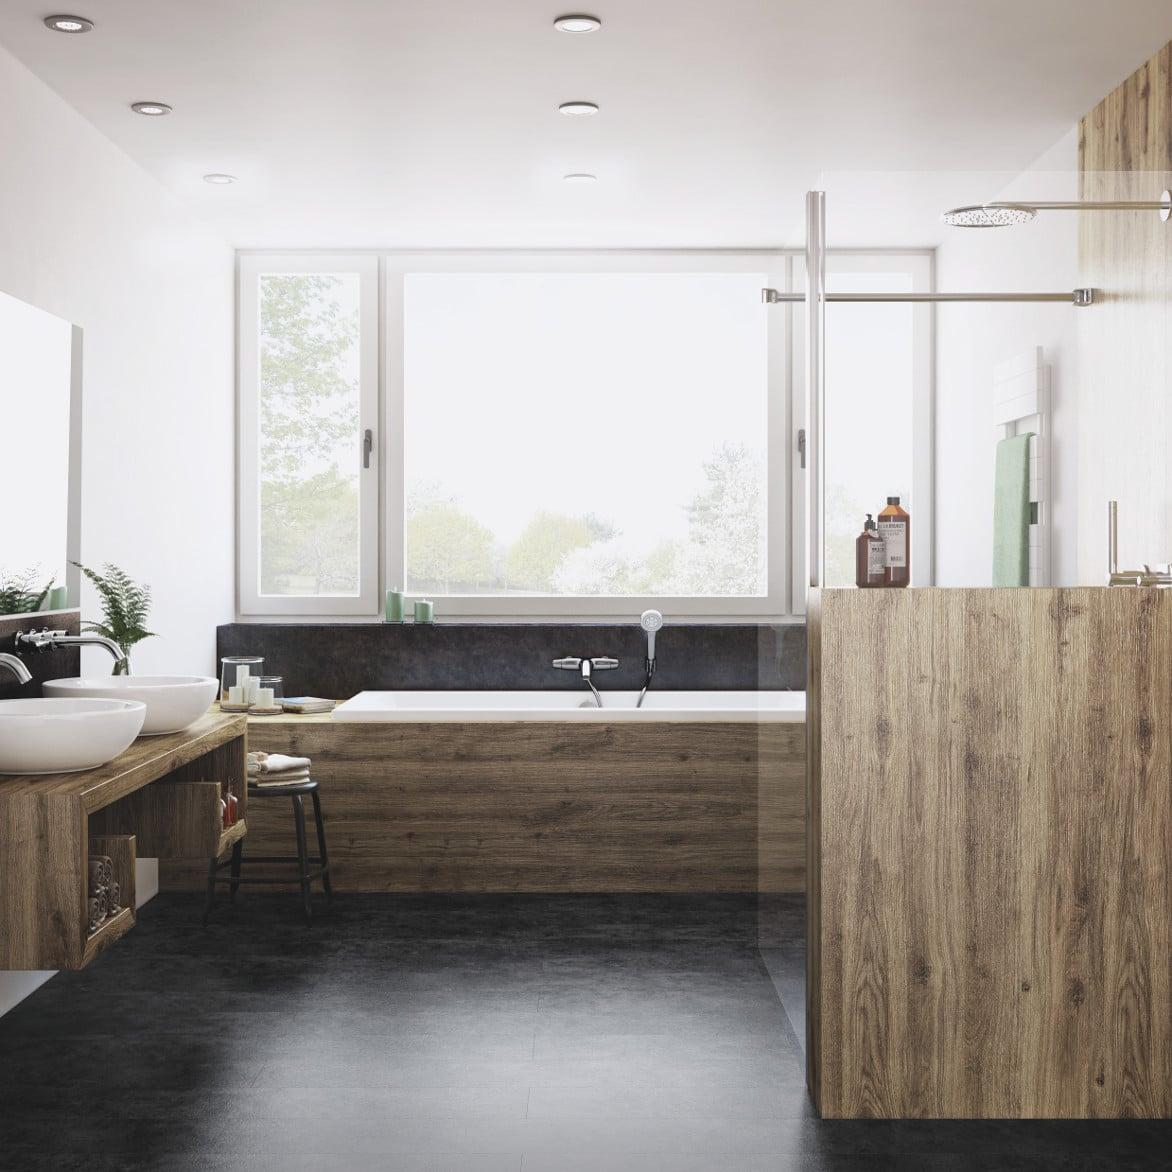 Bad mit barrierefreier Dusche mit fliesenloser Wand